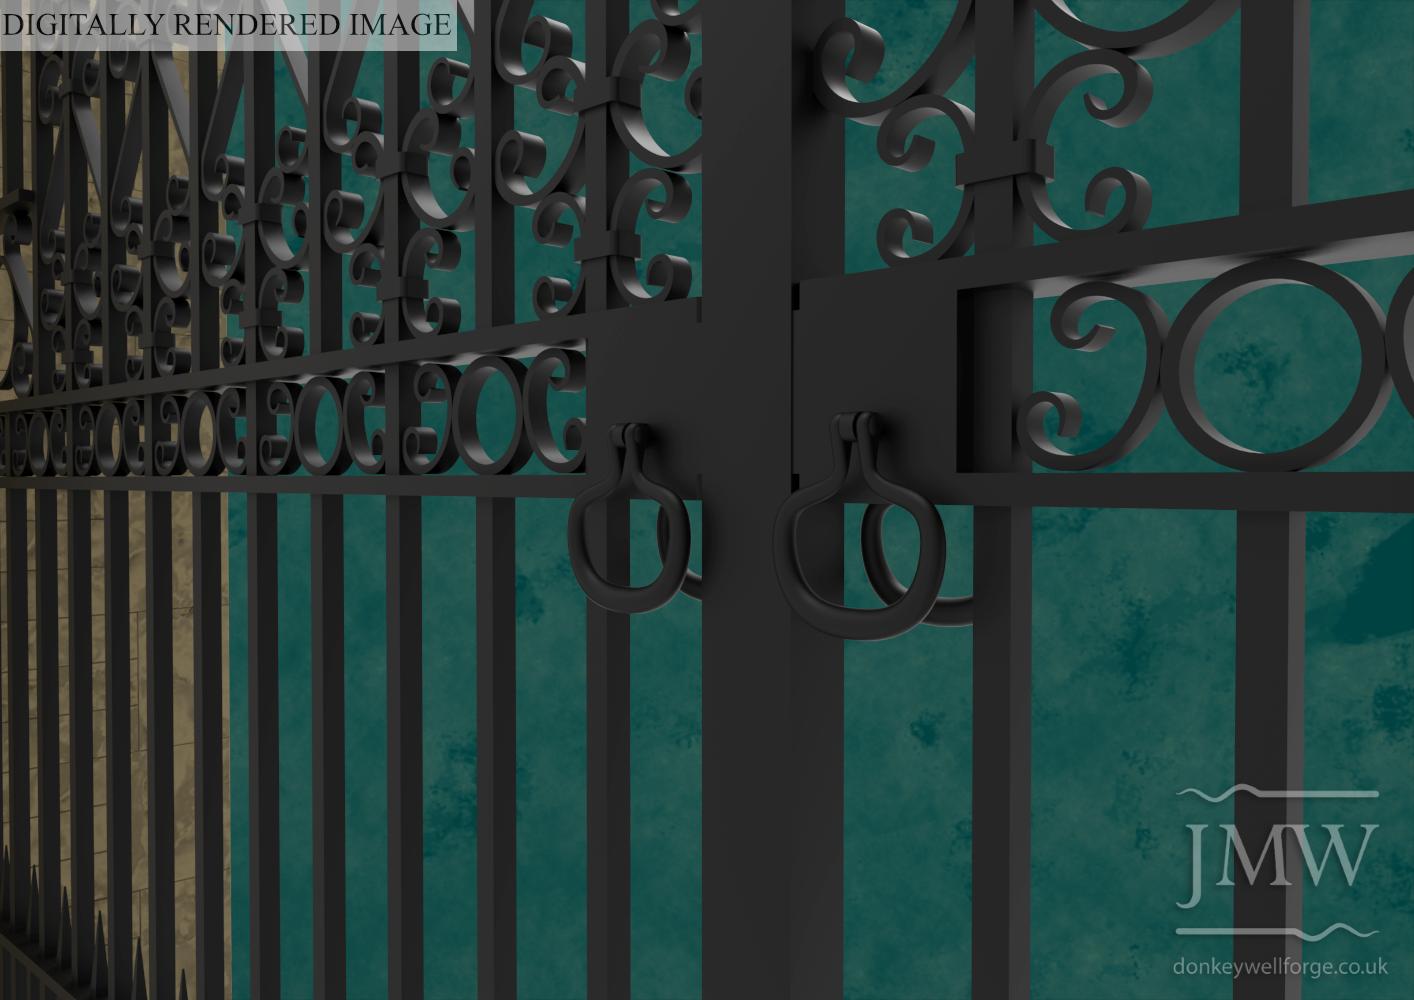 gates-digital-design-details-scrolls-handles